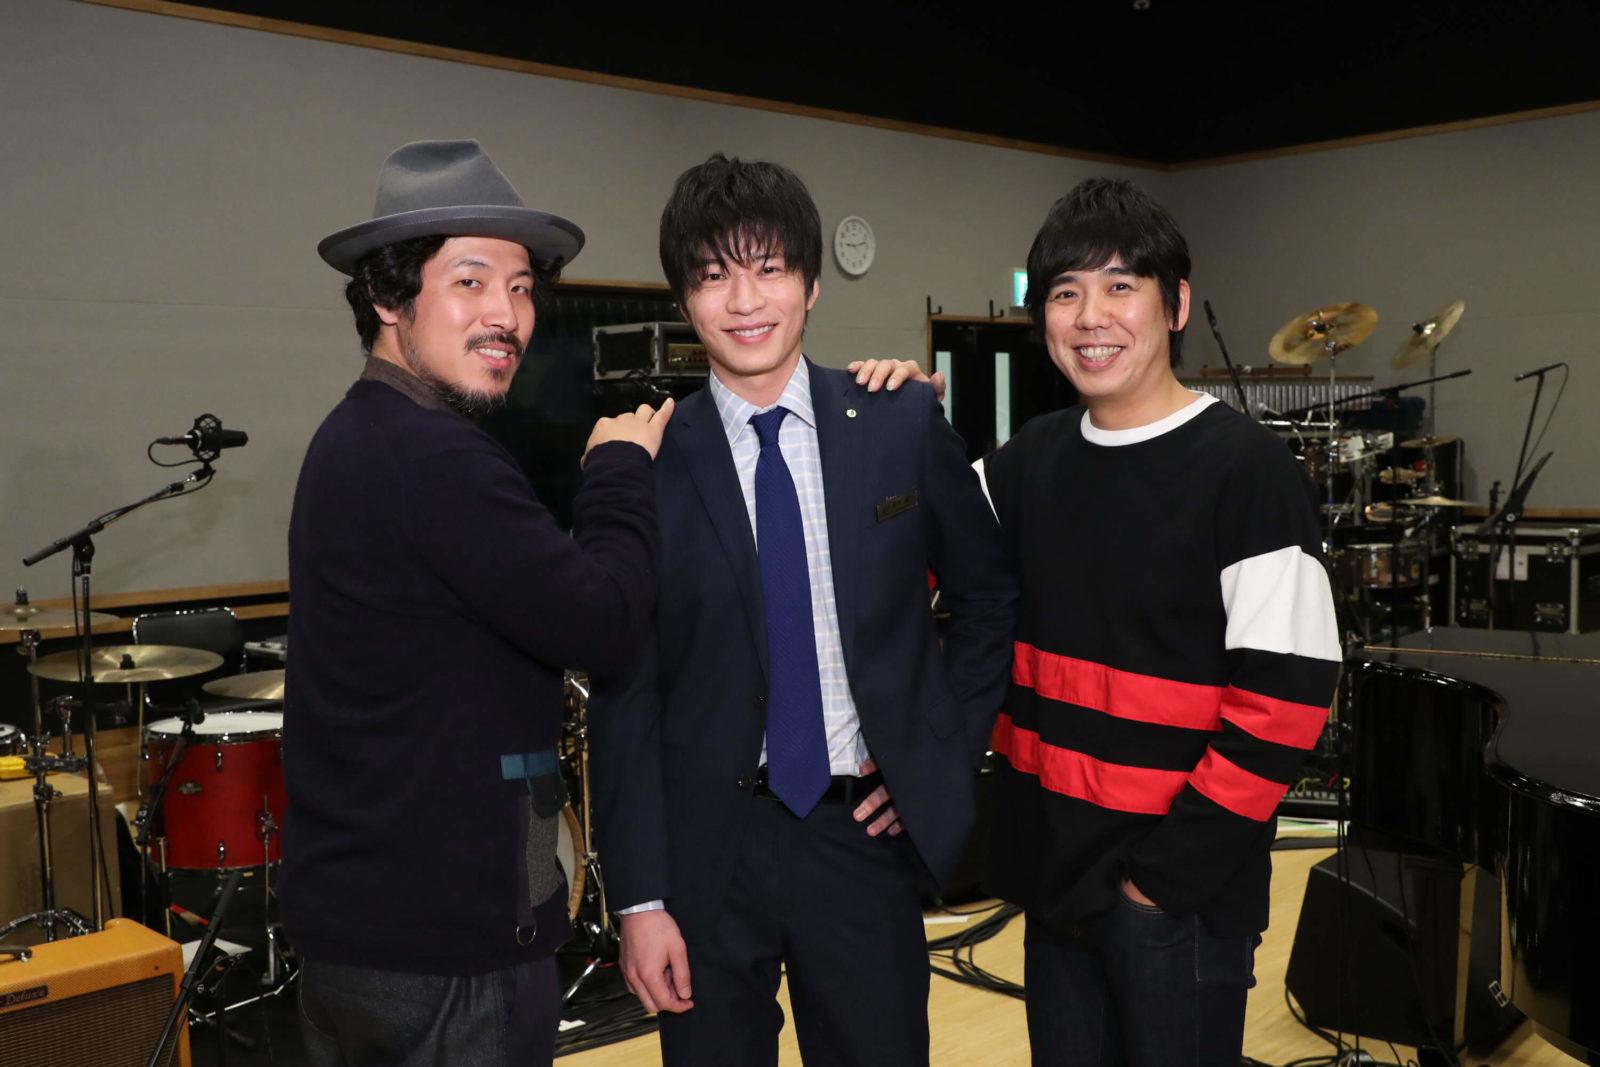 田中圭、スキマスイッチとの意外な仲明かす!ドラマ『おっさんずラブ』主題歌に『Revival』サムネイル画像